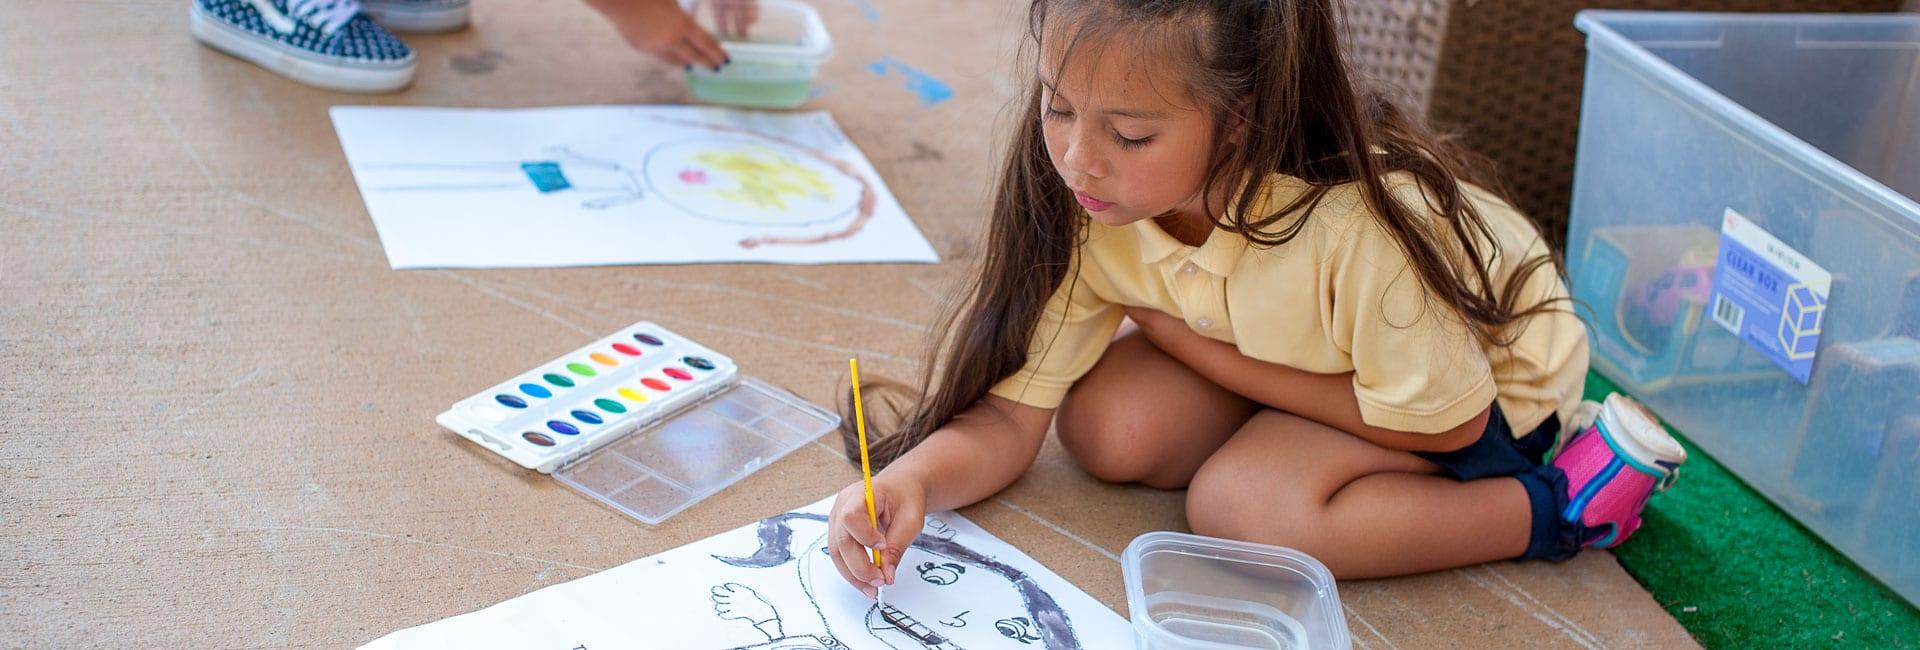 Little girl painting outside on sidewalk